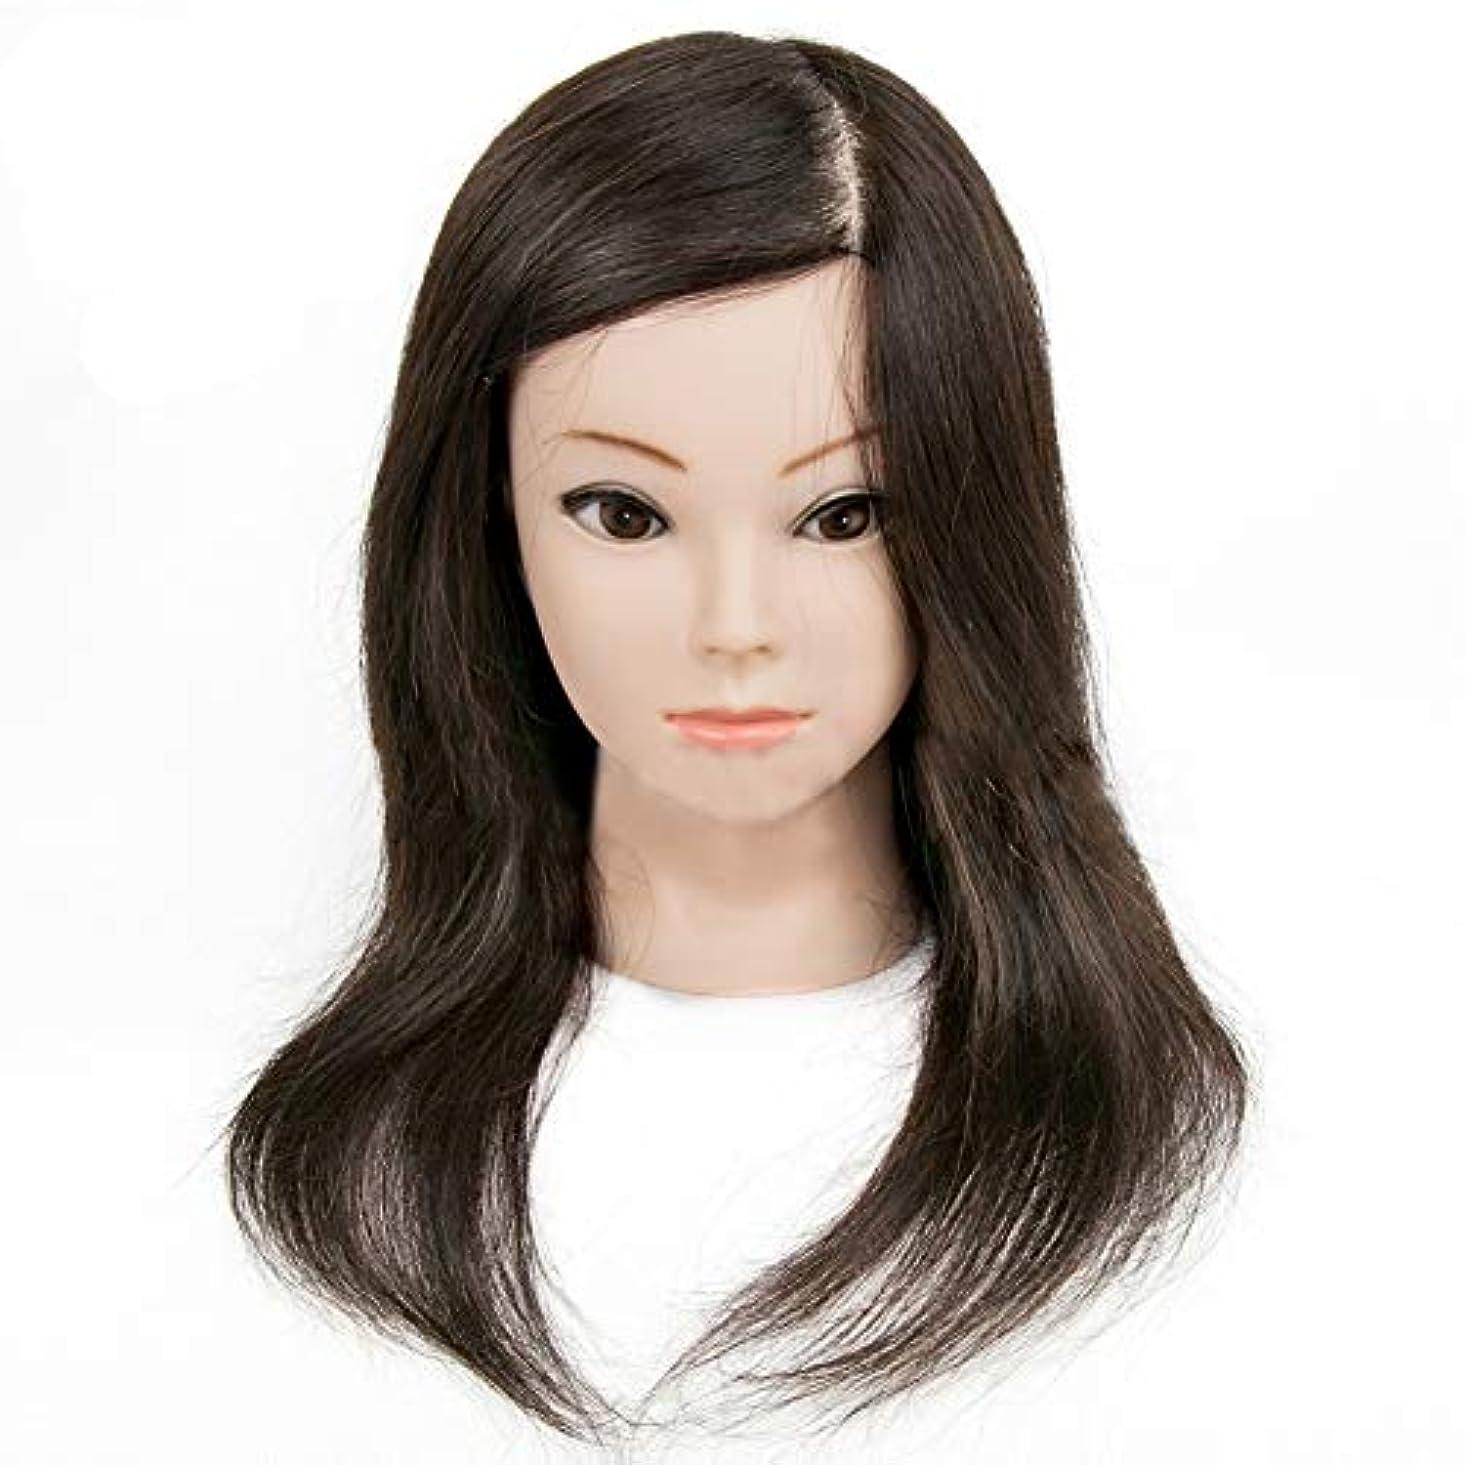 継承フリッパーメニュー編んだ髪のヘッドモデル本物の人間の髪のスタイルの学習モデルヘッドサロンの学習は熱いと染めた髪のダミーの頭にすることができます